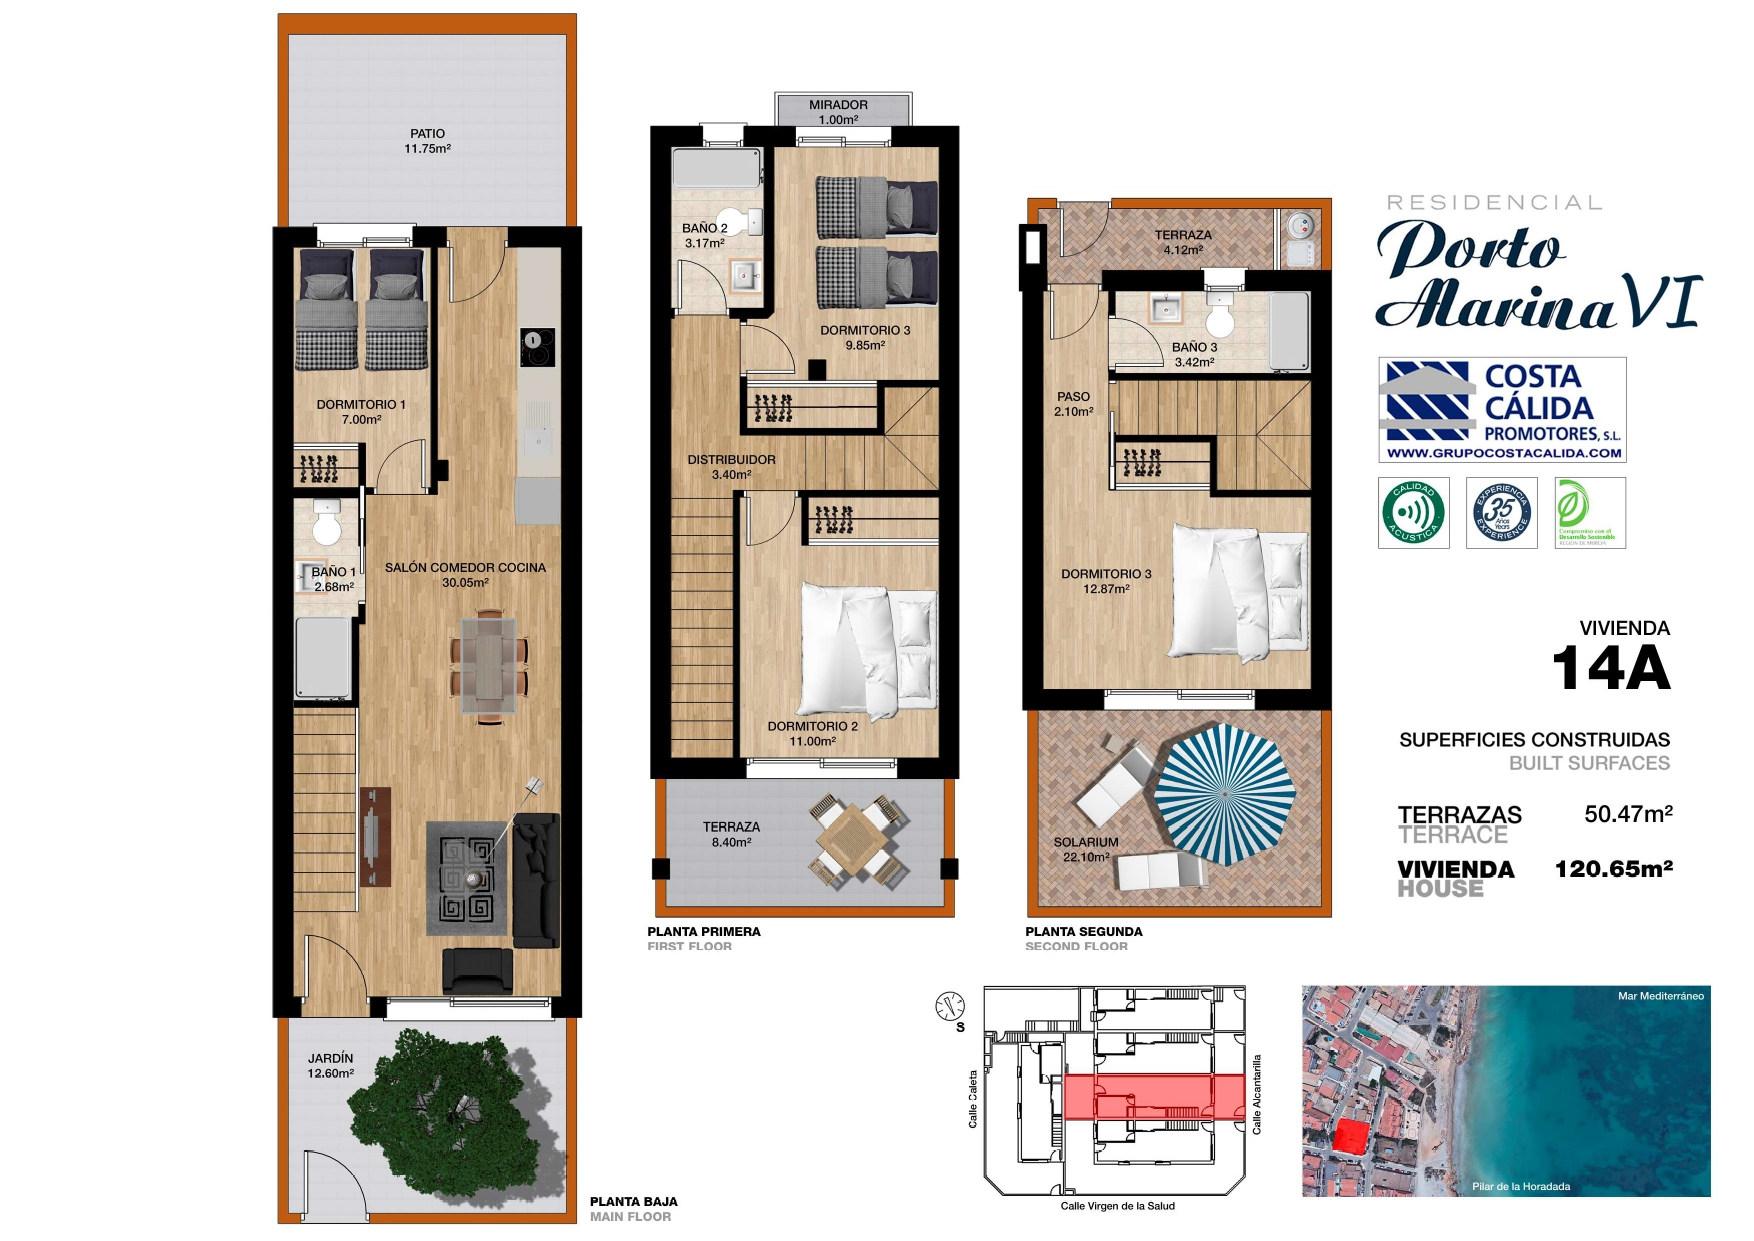 Costa Cálida Promotores - Porto Marina VI porto marina 6,viviendas,alicante,torre de la horadada